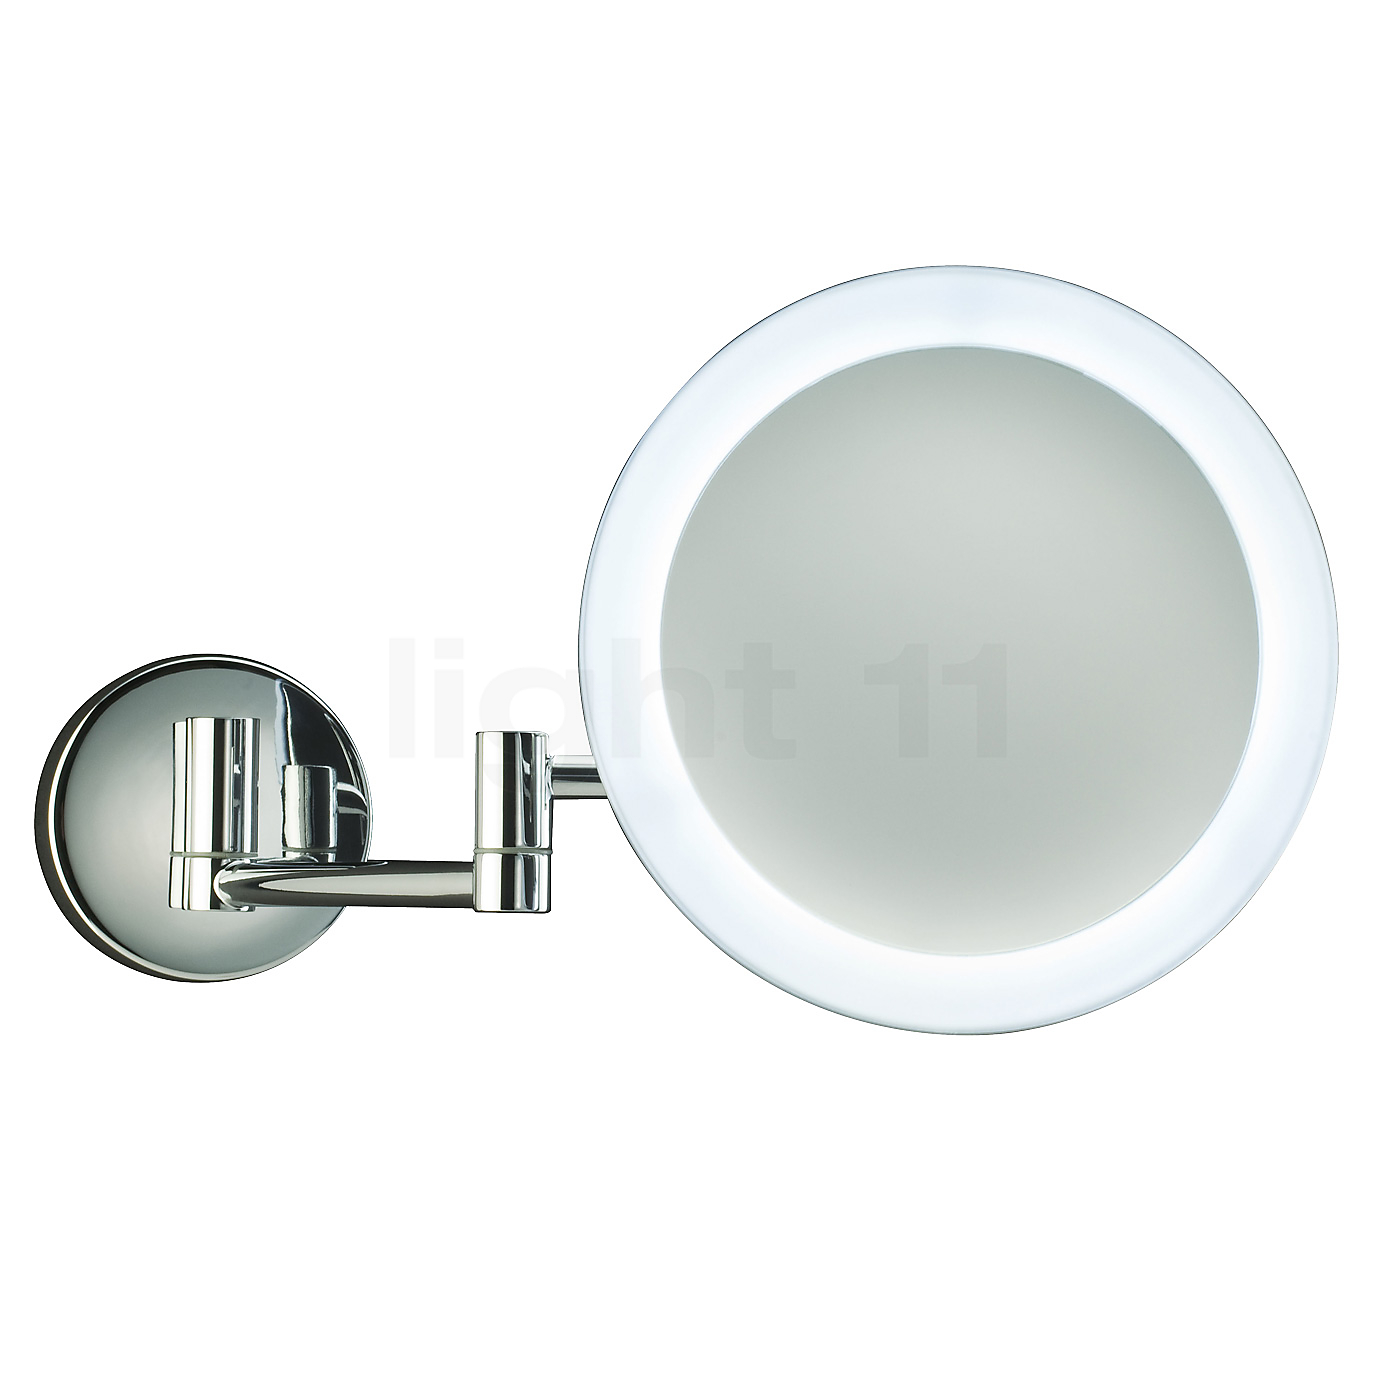 Decor walther bs 60 wand make up spiegel wandlamp kopen op light11 nl